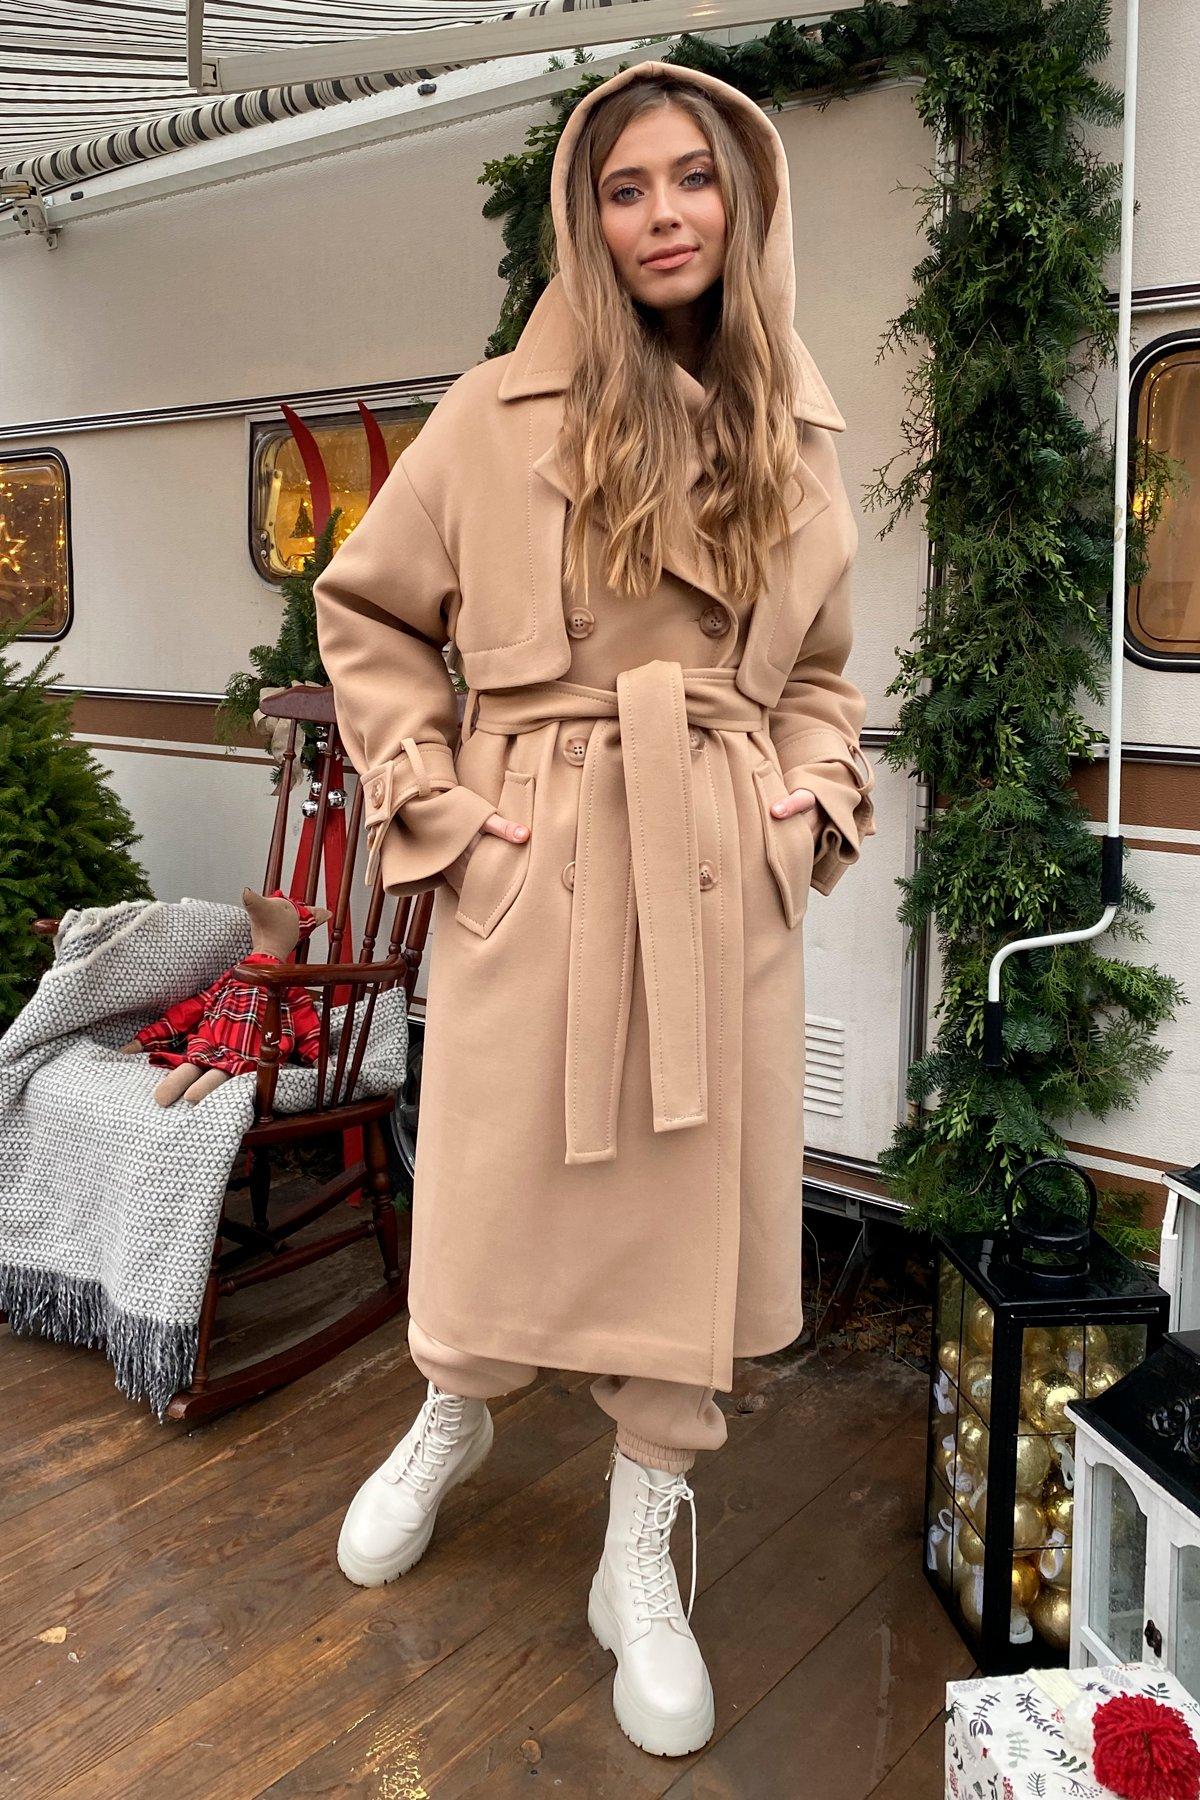 Твин макси кашемир турецкий пальто 10169 АРТ. 46459 Цвет: Кемел - фото 11, интернет магазин tm-modus.ru